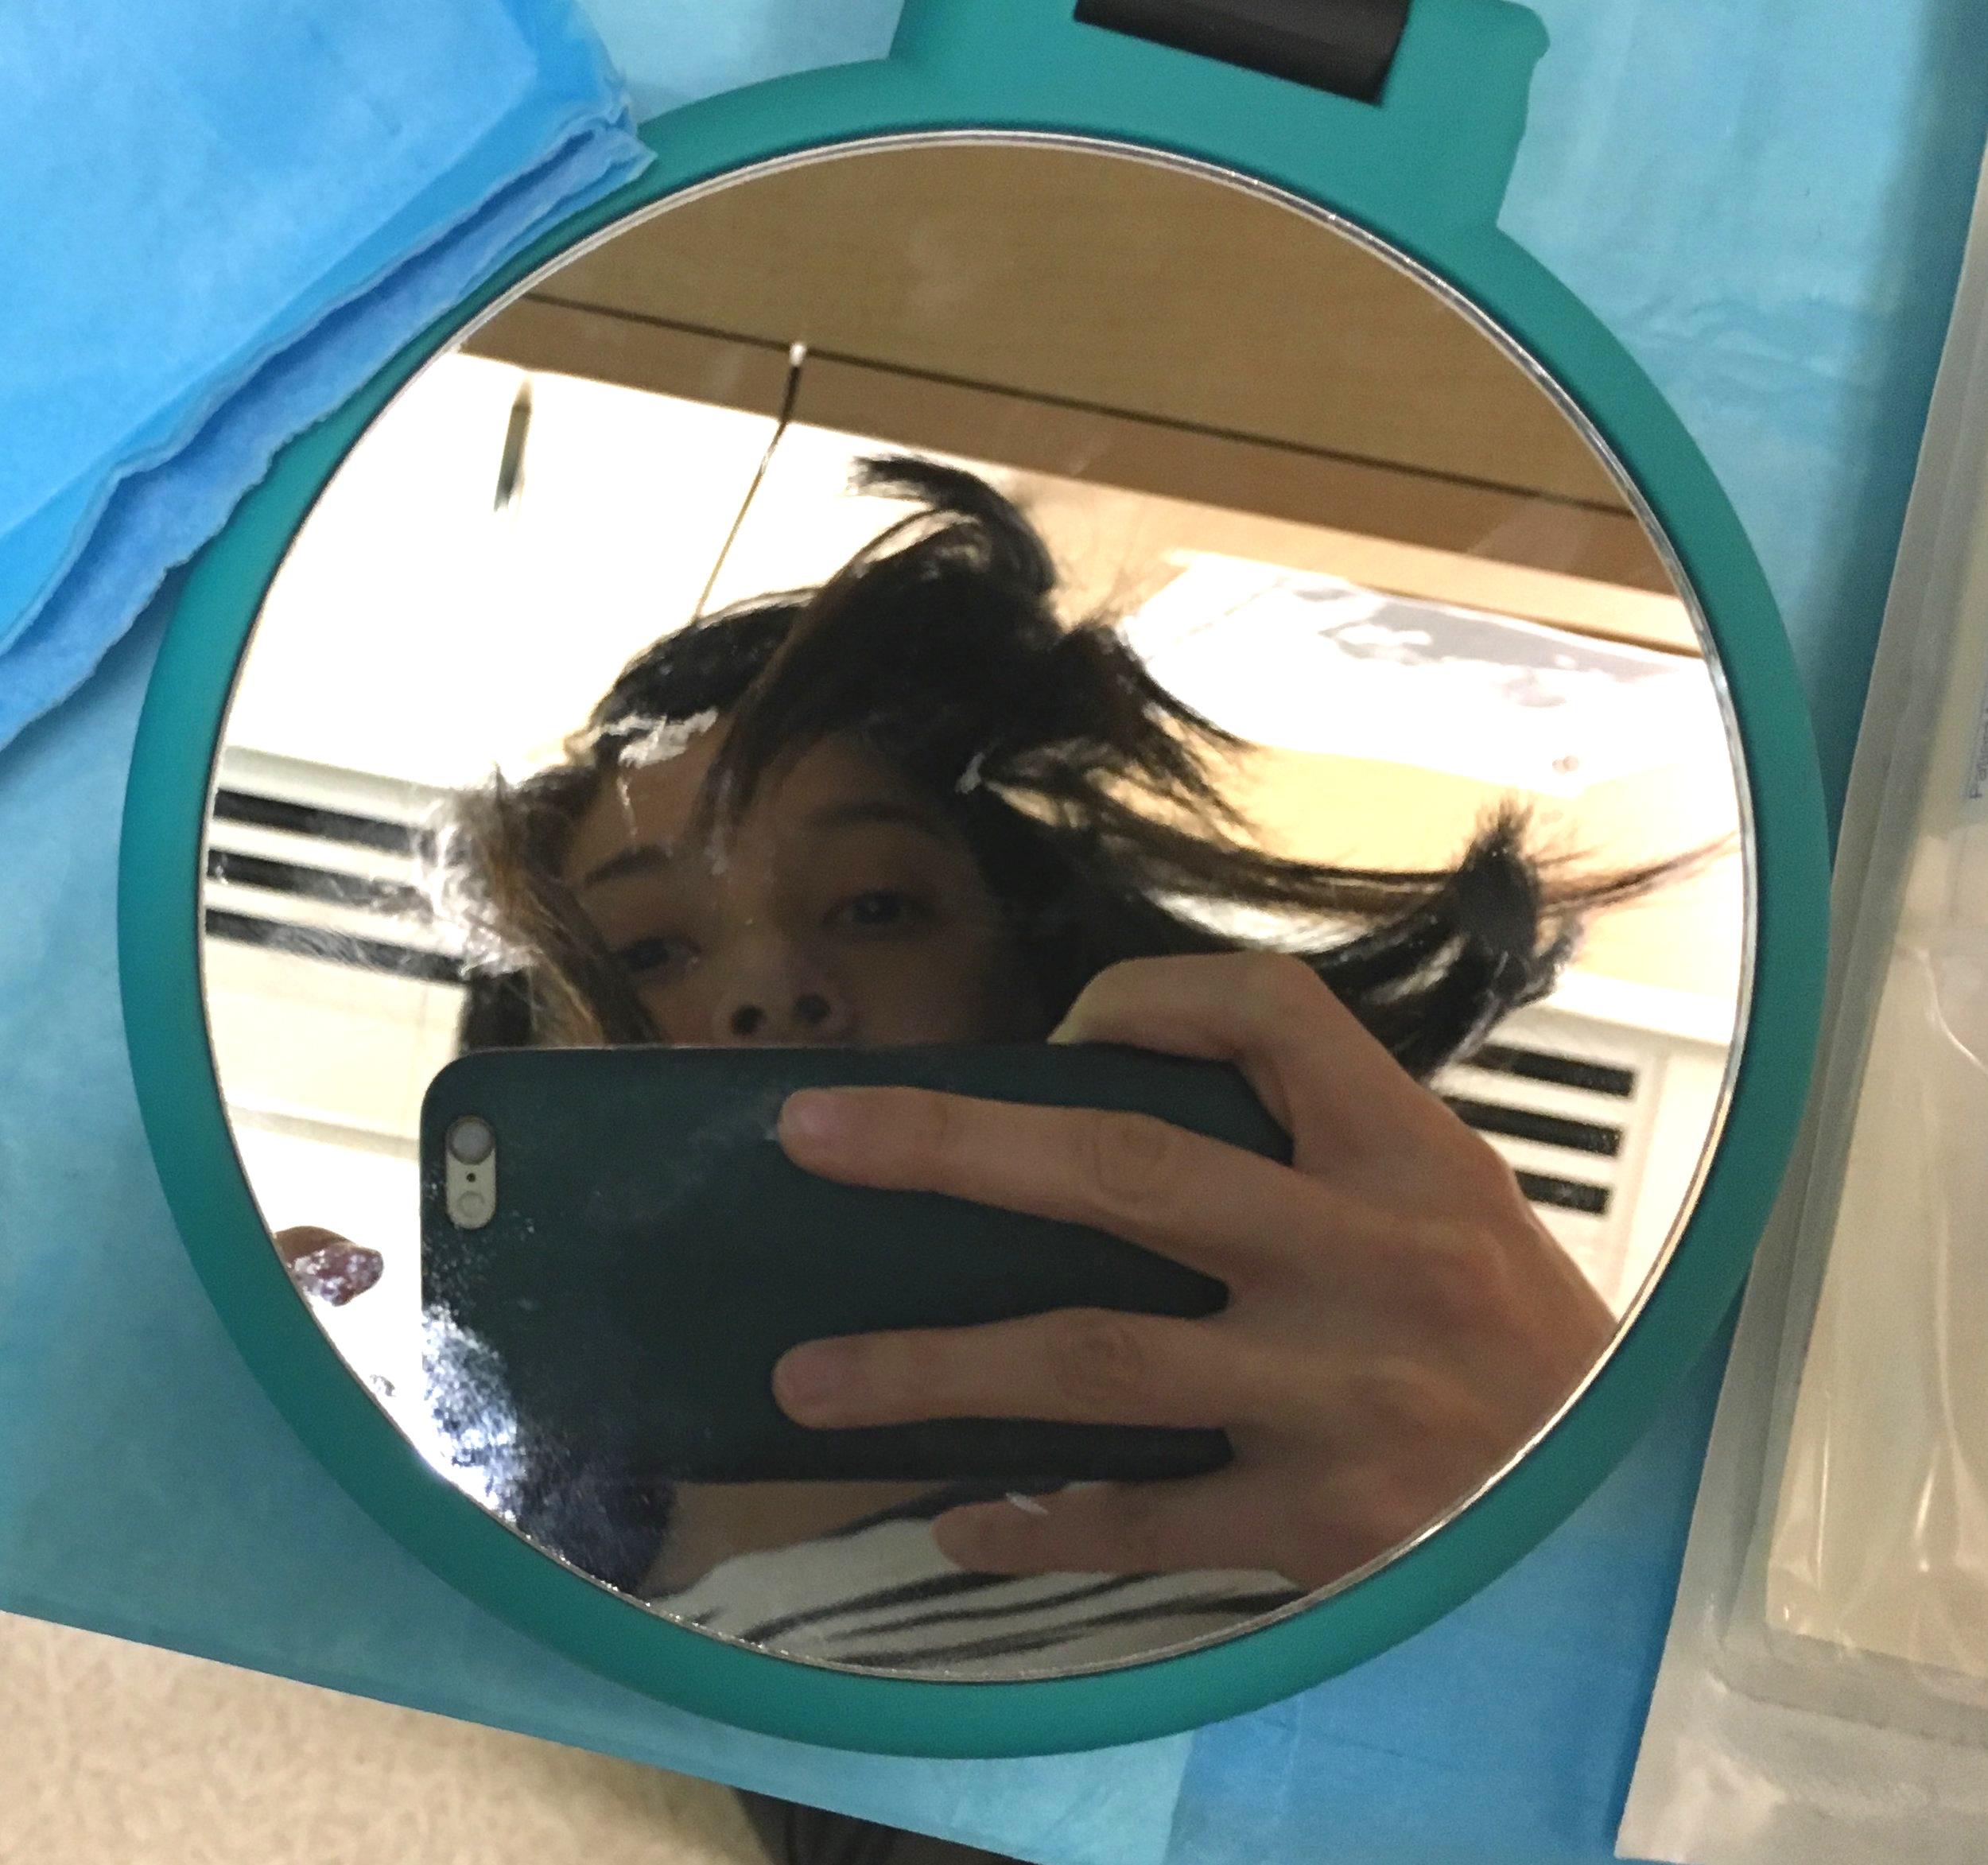 Medical mirror selfie?